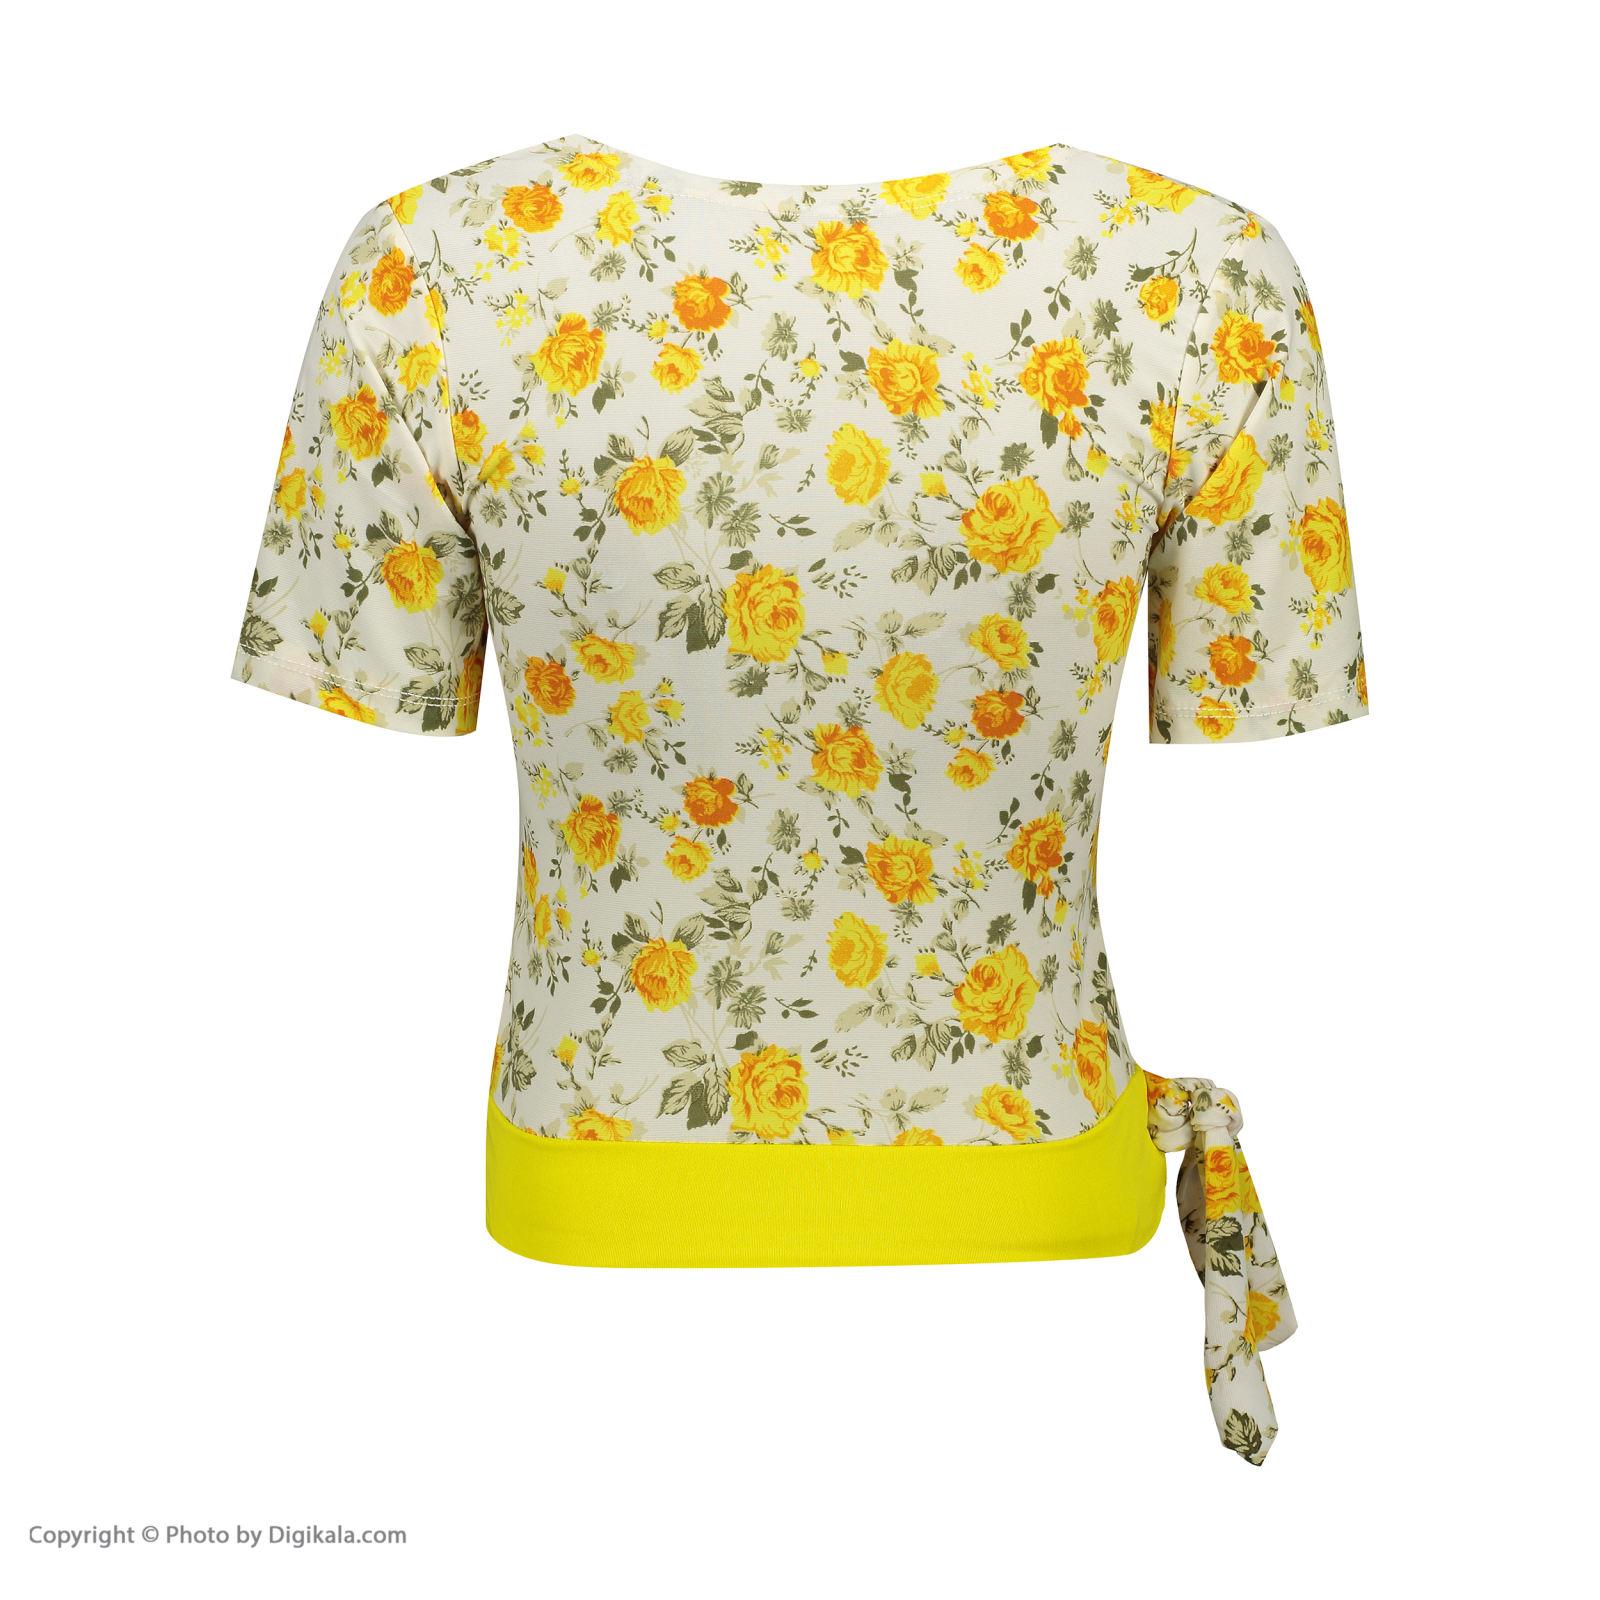 ست تی شرت و شلوارک زنانه کد 001 -  - 5